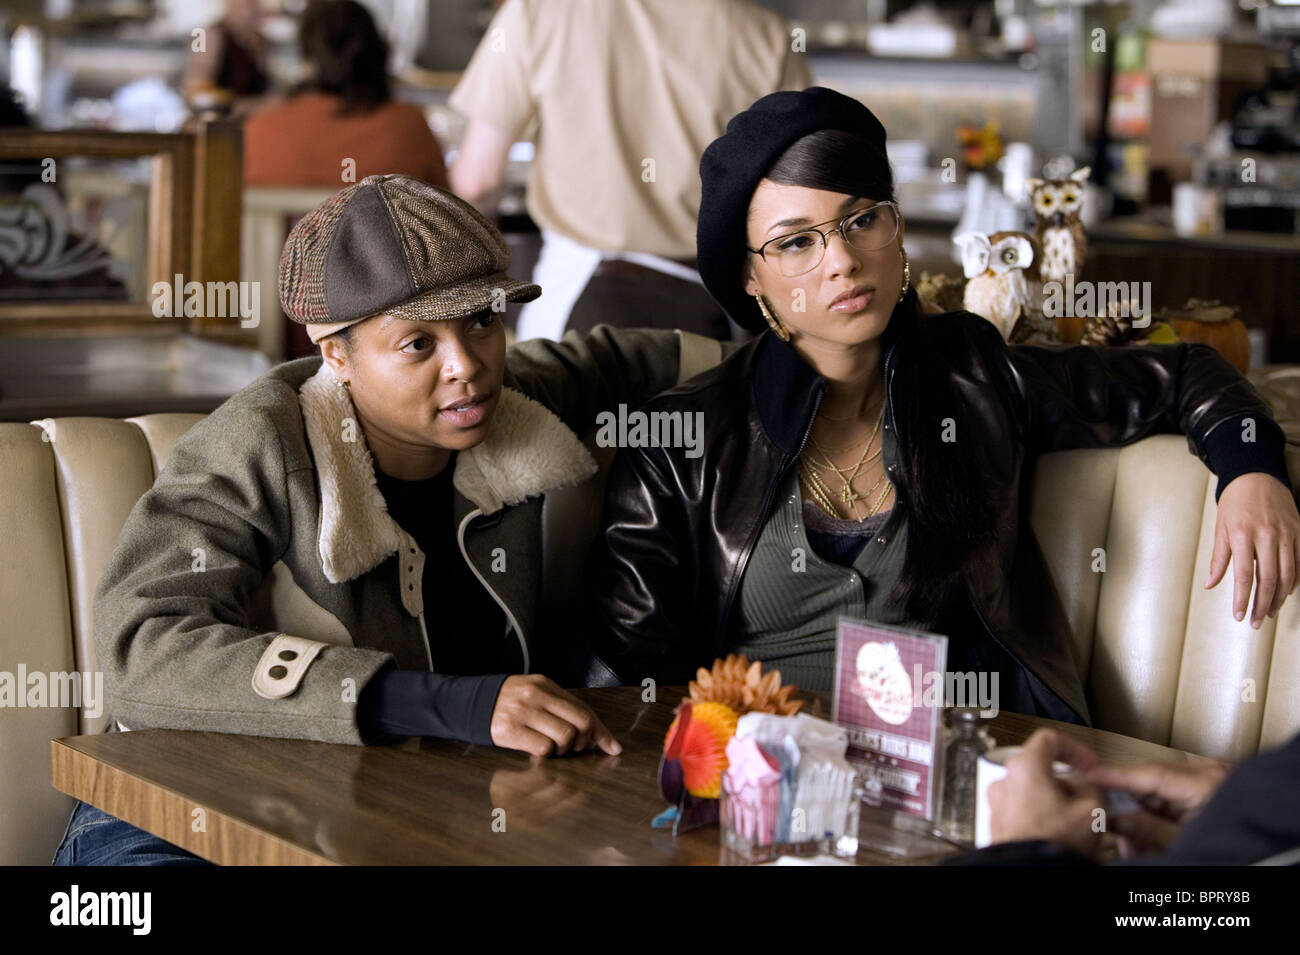 TARAJI P. HENSON & ALICIA KEYS SMOKIN' ACES; SMOKING ACES (2006) - Stock Image